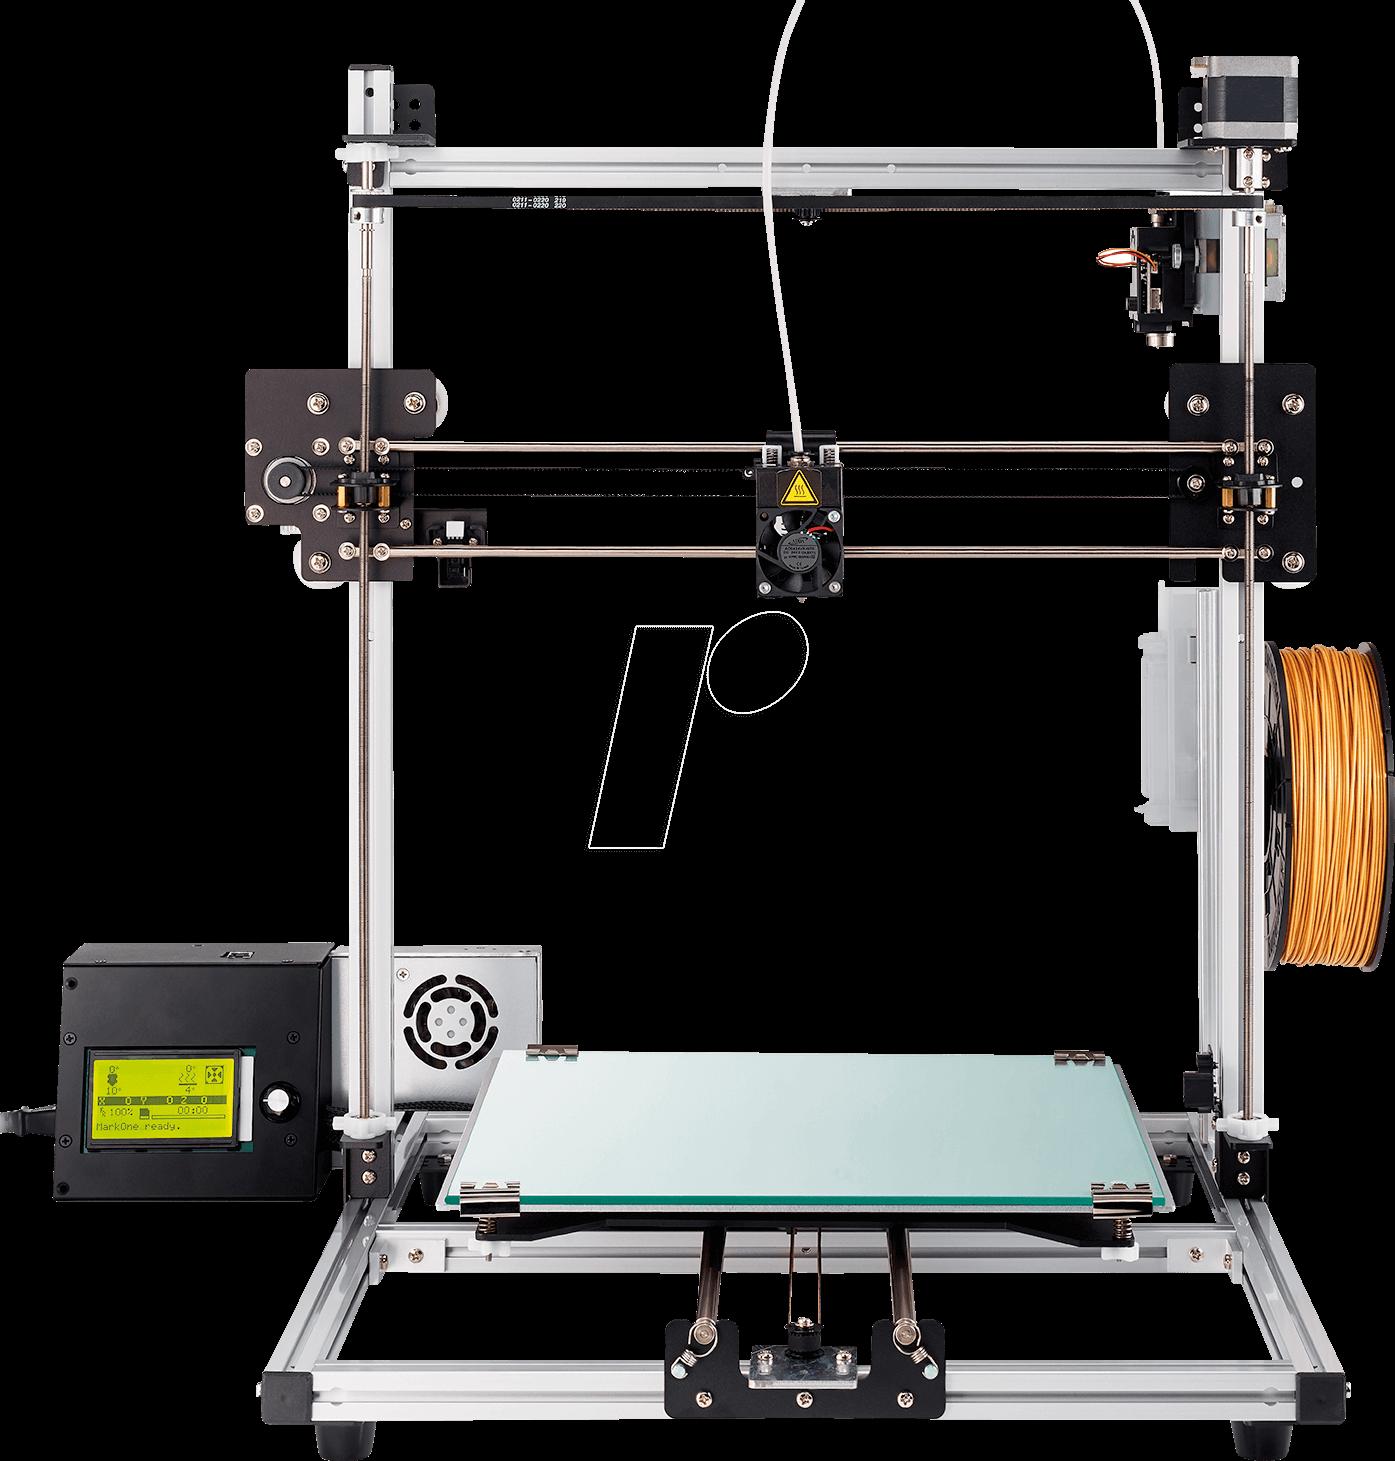 CRAZY3D CZ-300 - 3D Printer, Crazy3DPrint, DIY Kit